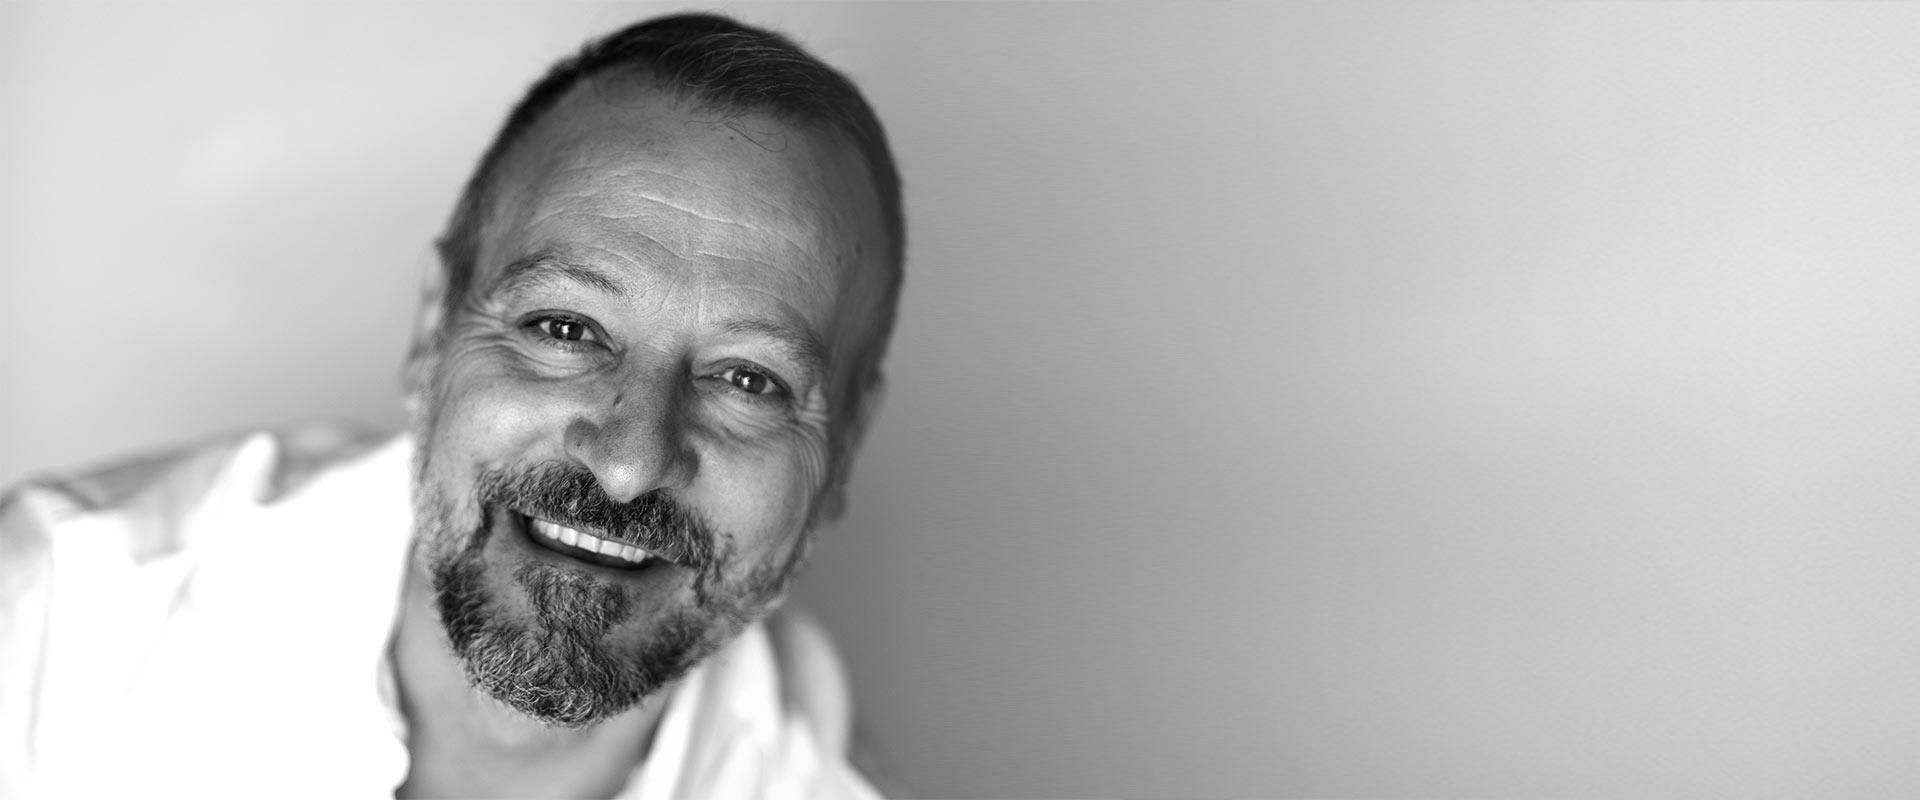 Donato-Cremonesi Consulente Marketing, Comunicazione, Web e Social Media Strategy